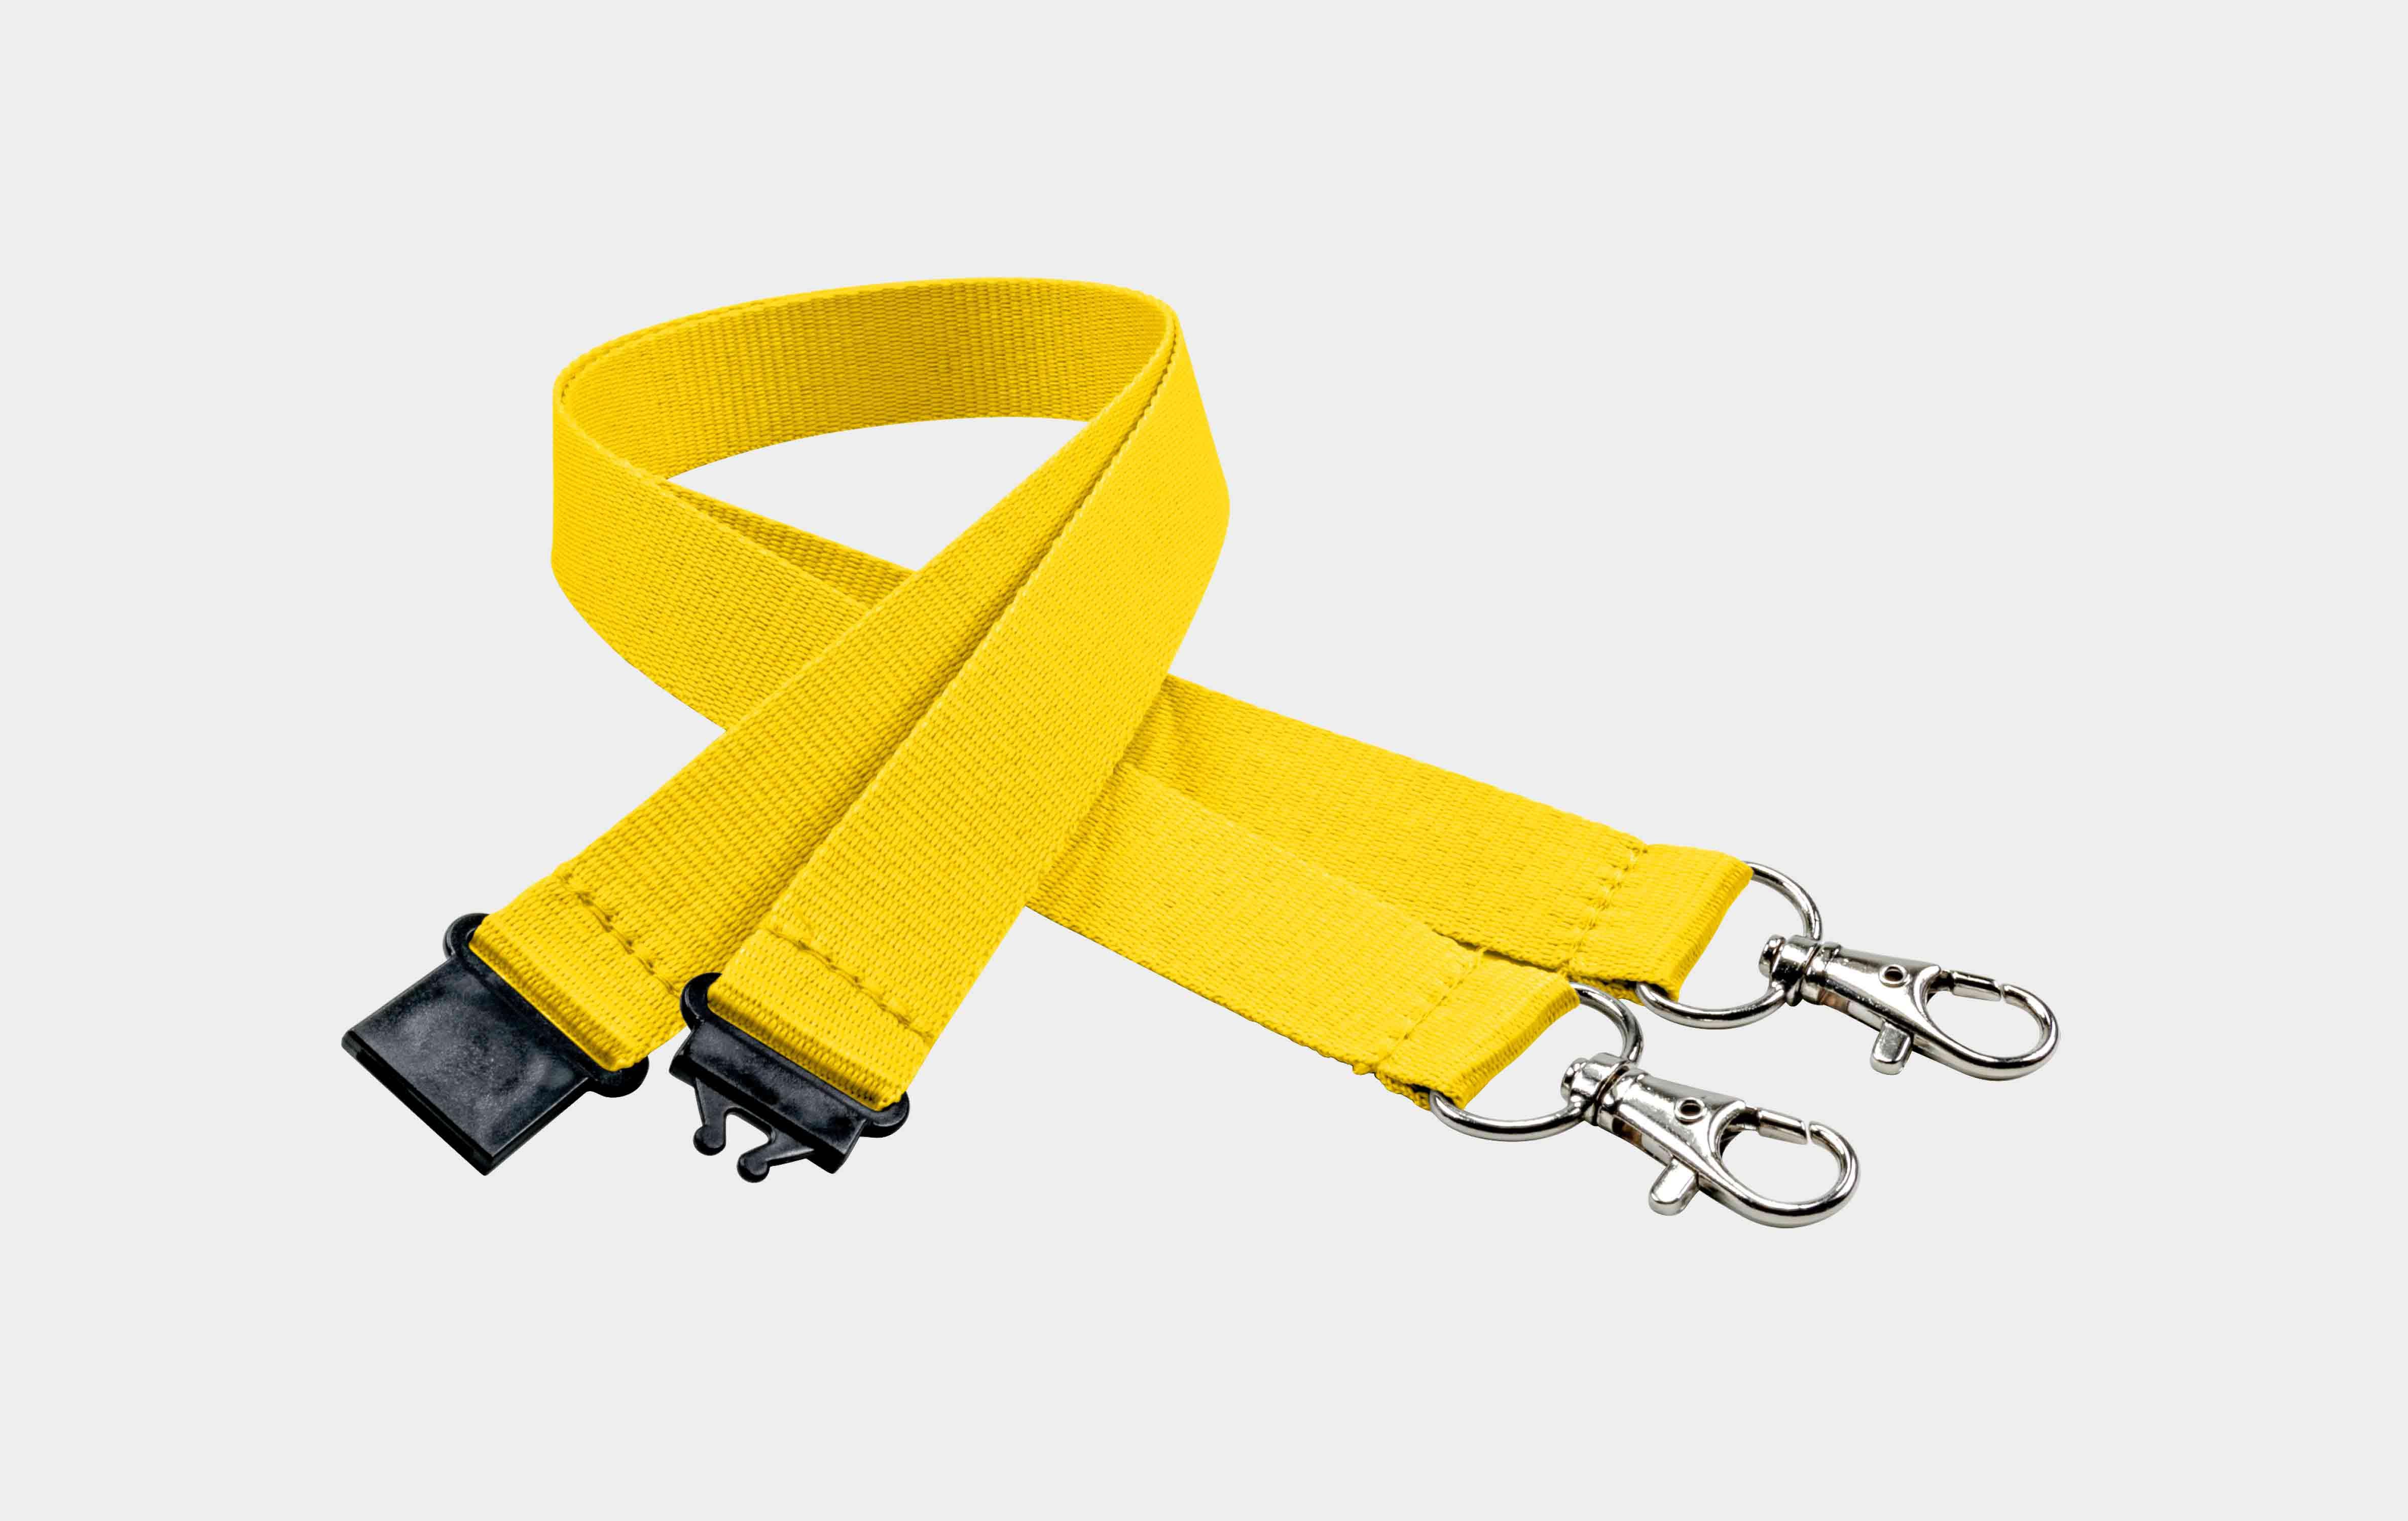 10 Stück Schlüsselbänder 20 mm, 2x easy going Haken, Sicherheitsverschluss, Gelb